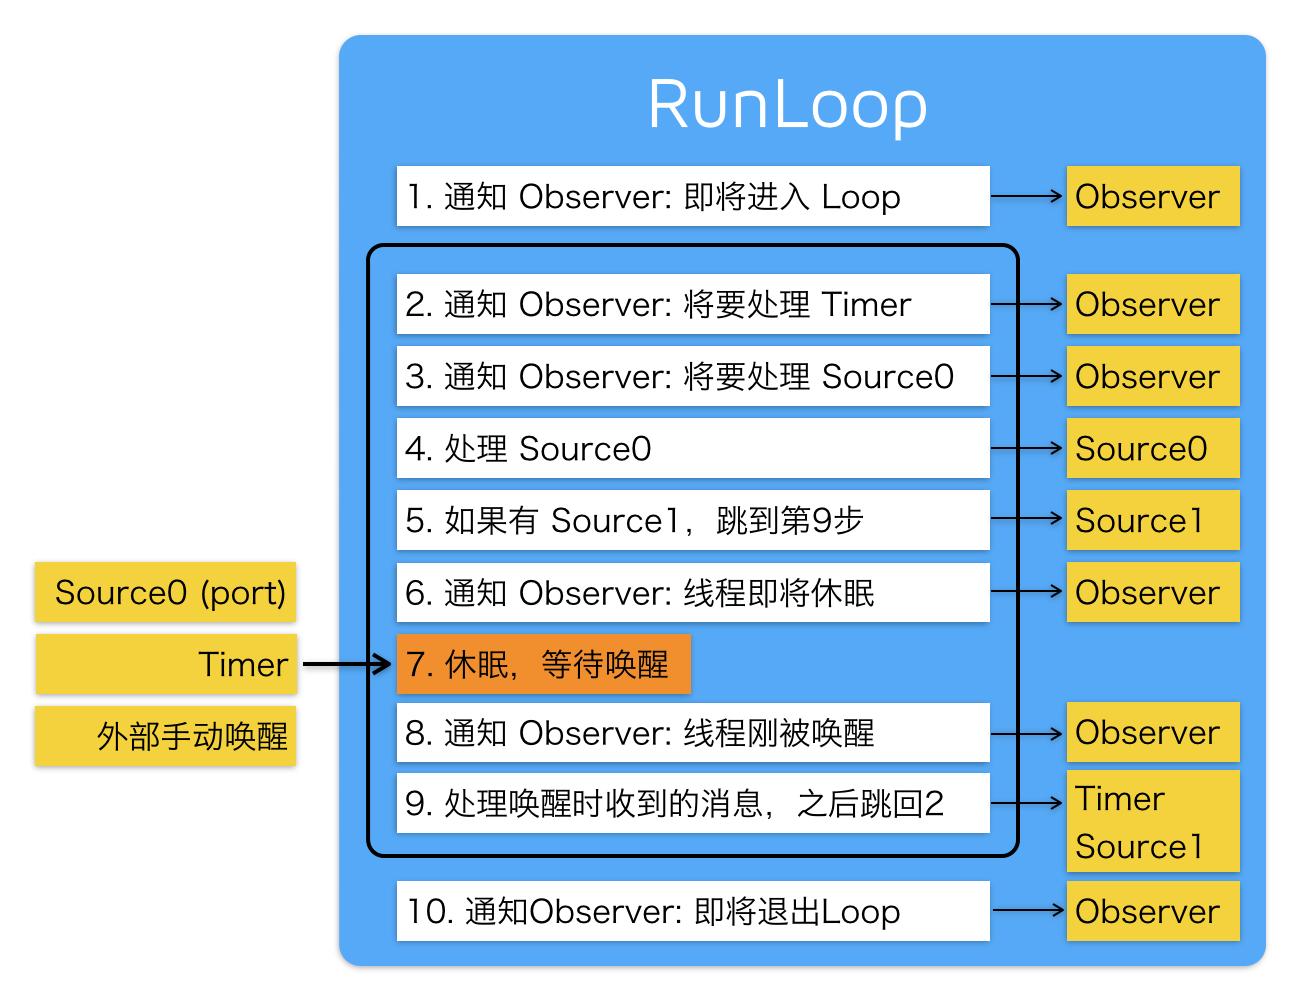 RunLoop